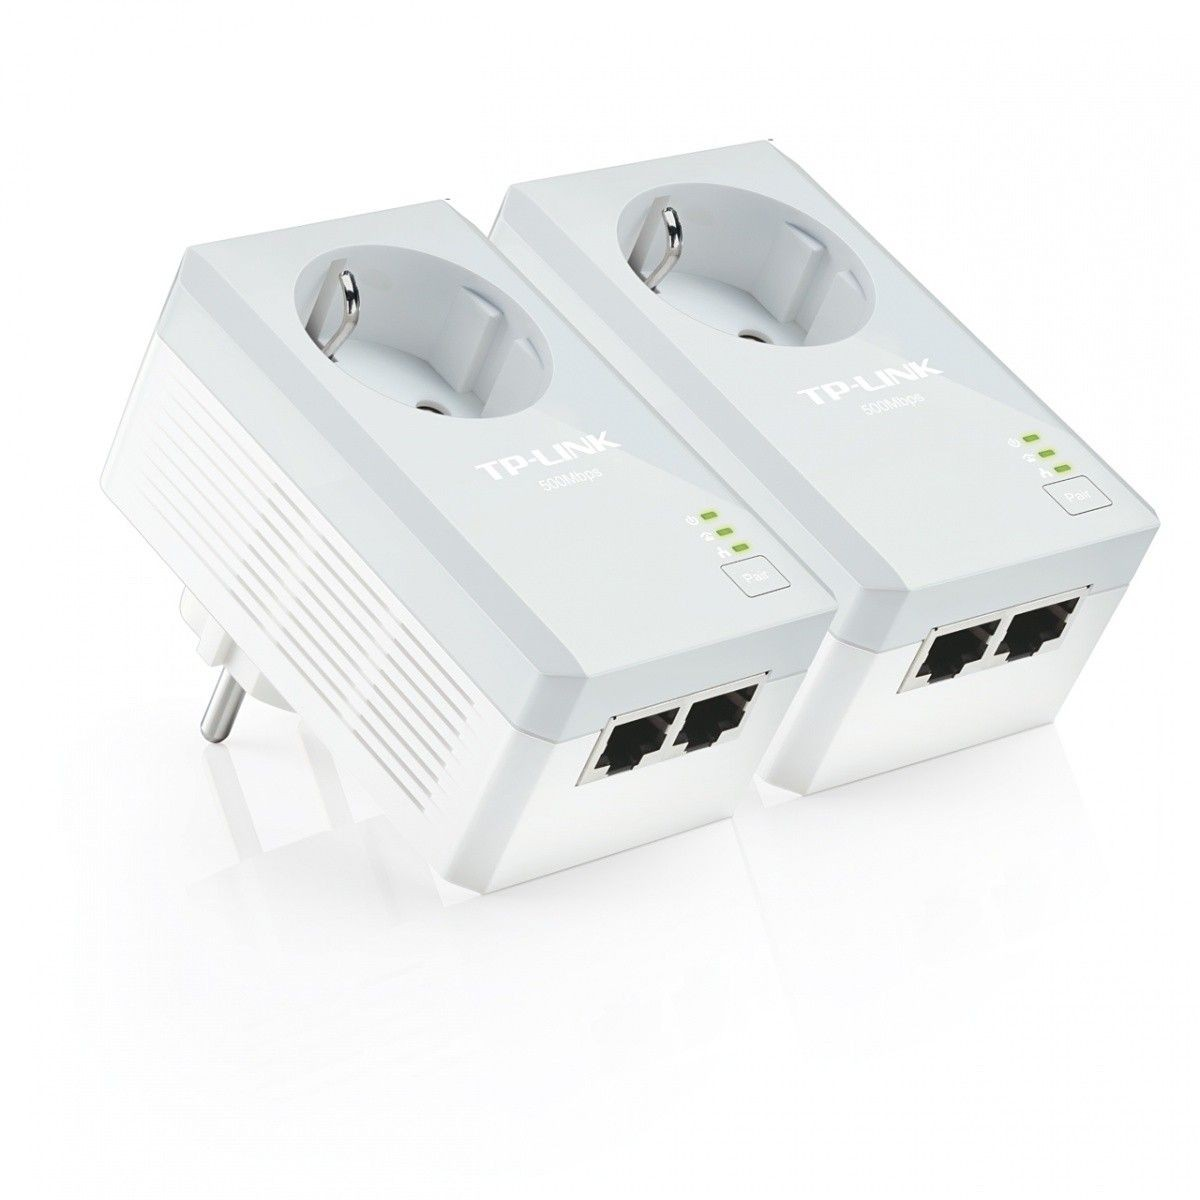 TP-Link Powerline KIT PA4020P AV600